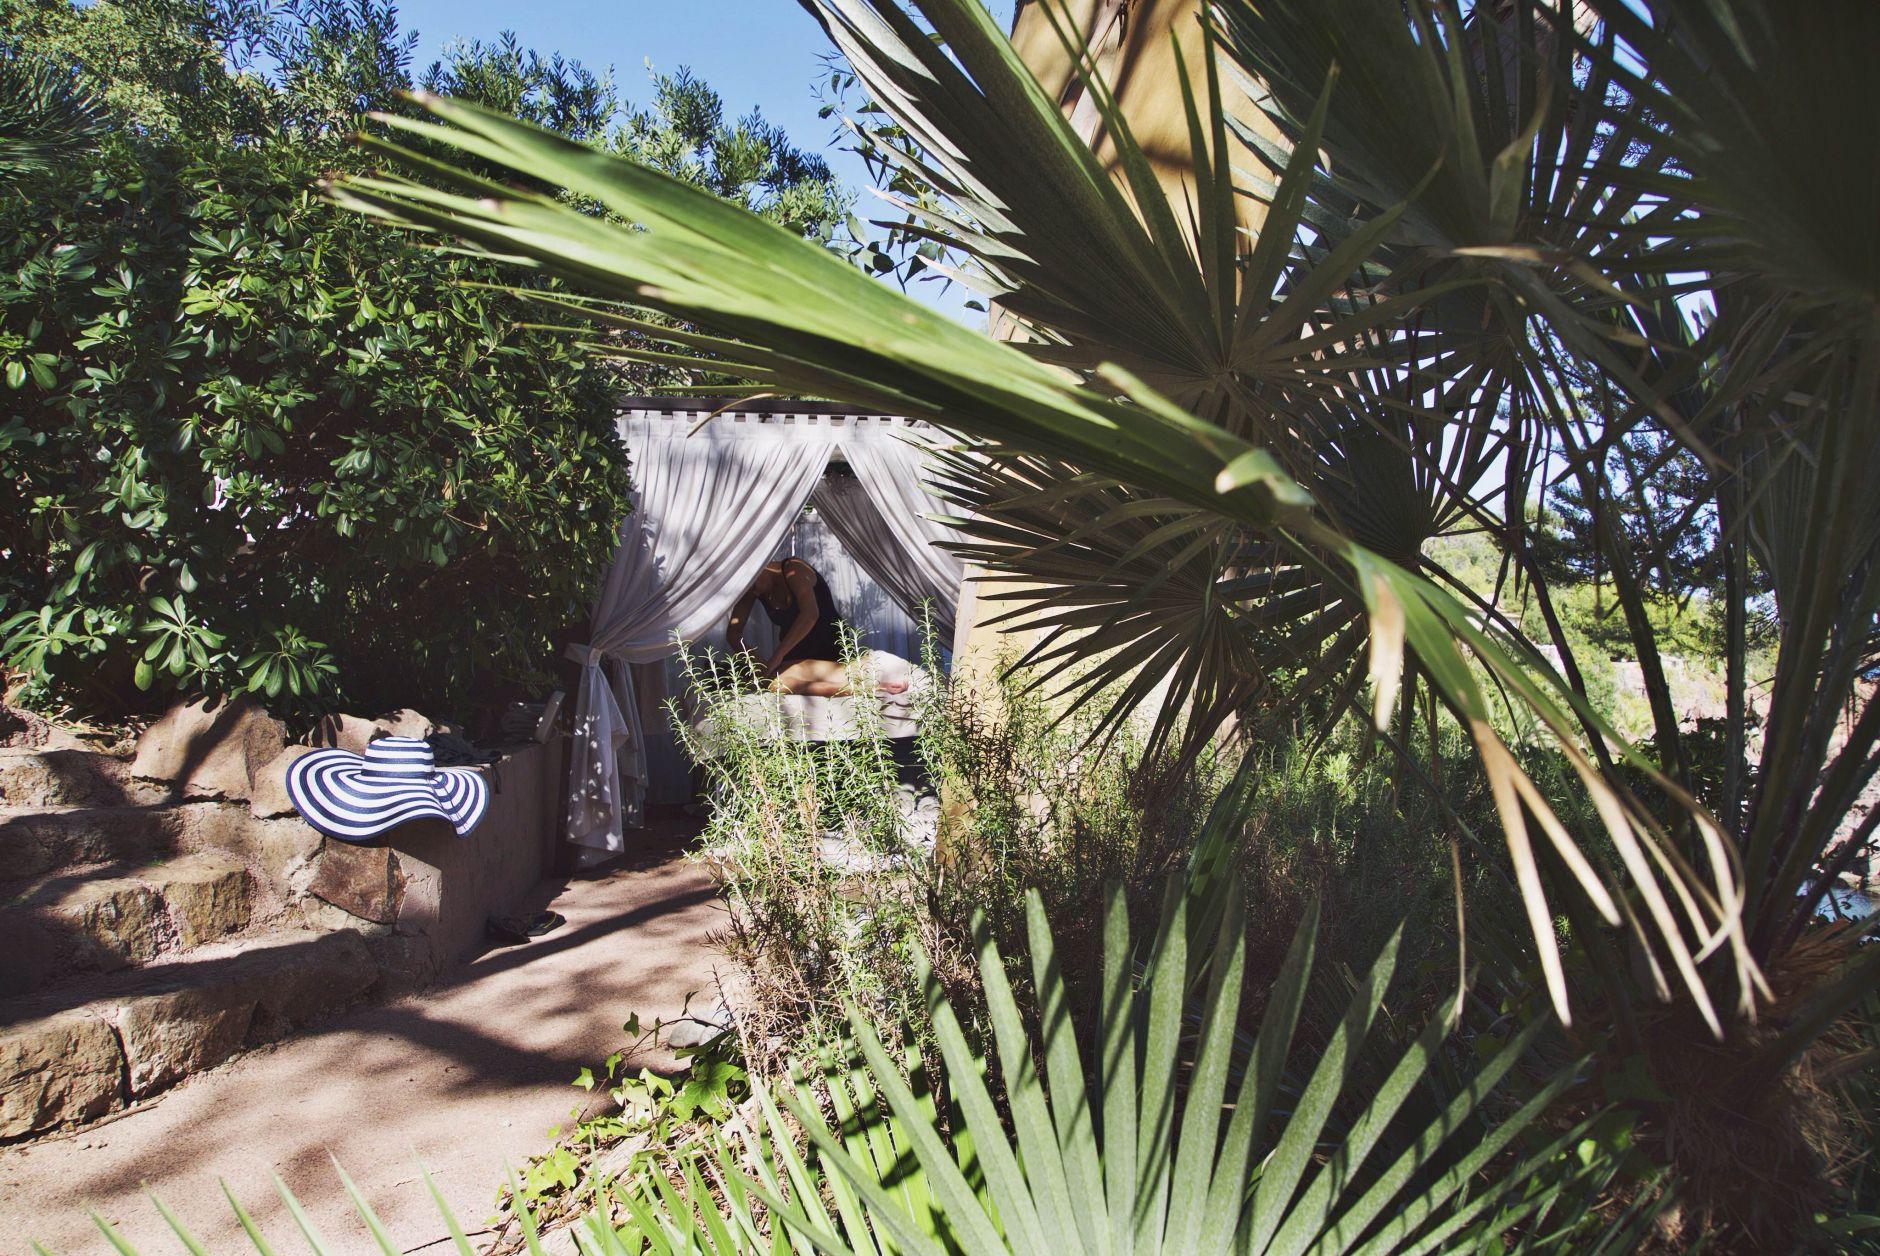 25-Tiara-Miramar-Beach-Hotel-Spa-Cote-dAzur-Disi-Couture-Edisa-Shahini-Cannes-France